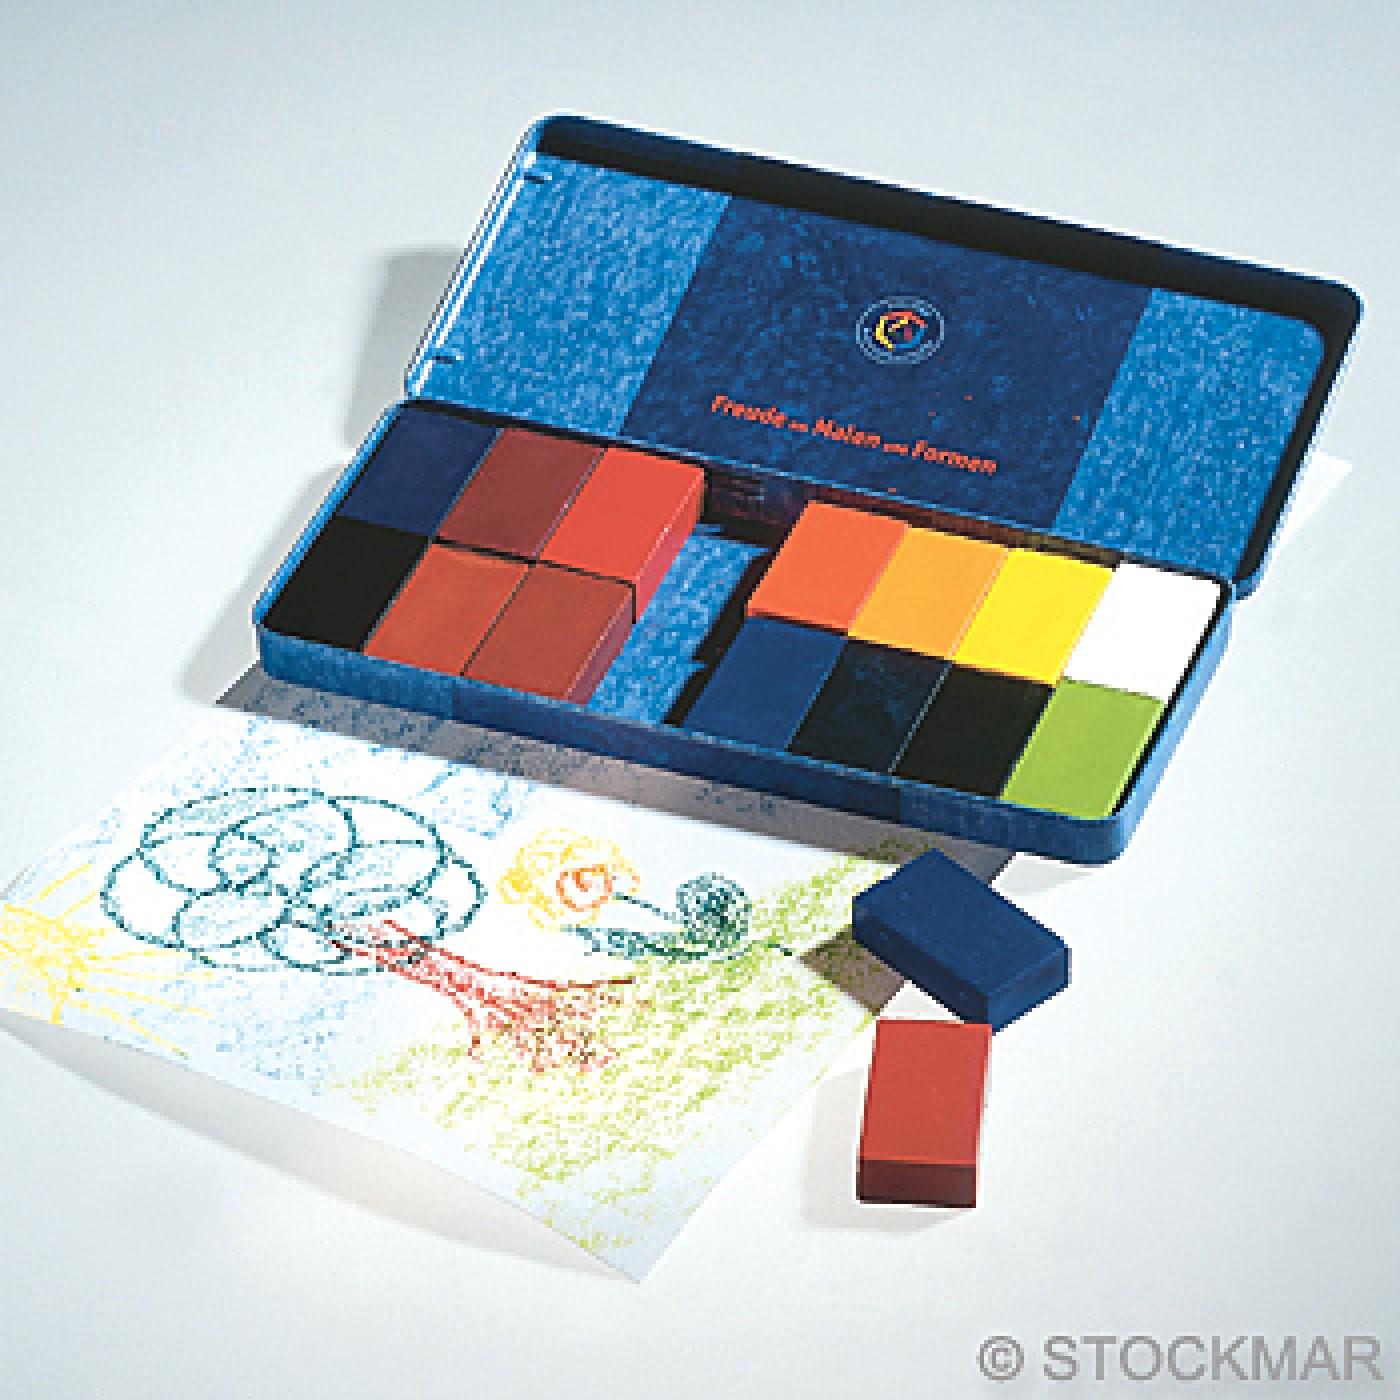 Stockmar Wax Block - 16 Colors